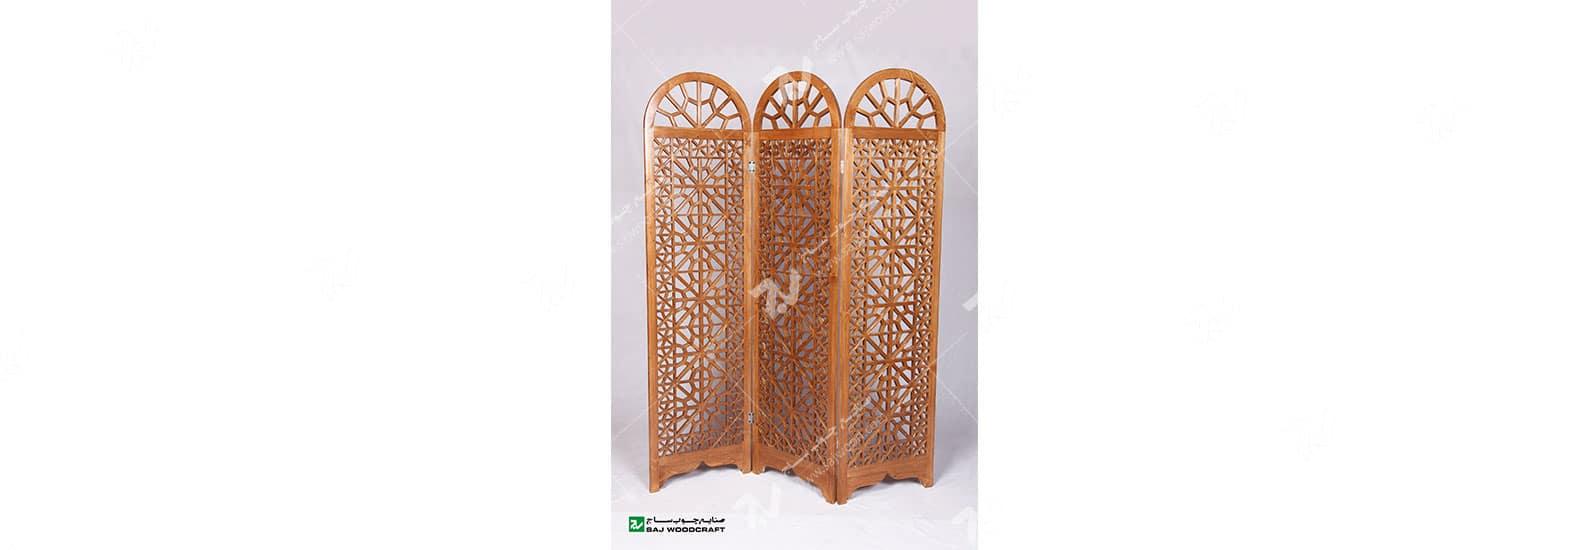 پارتیشن ( پاراوان ) چوبی سنتی مشبک گره چینی - افراز کد ۵۰۴